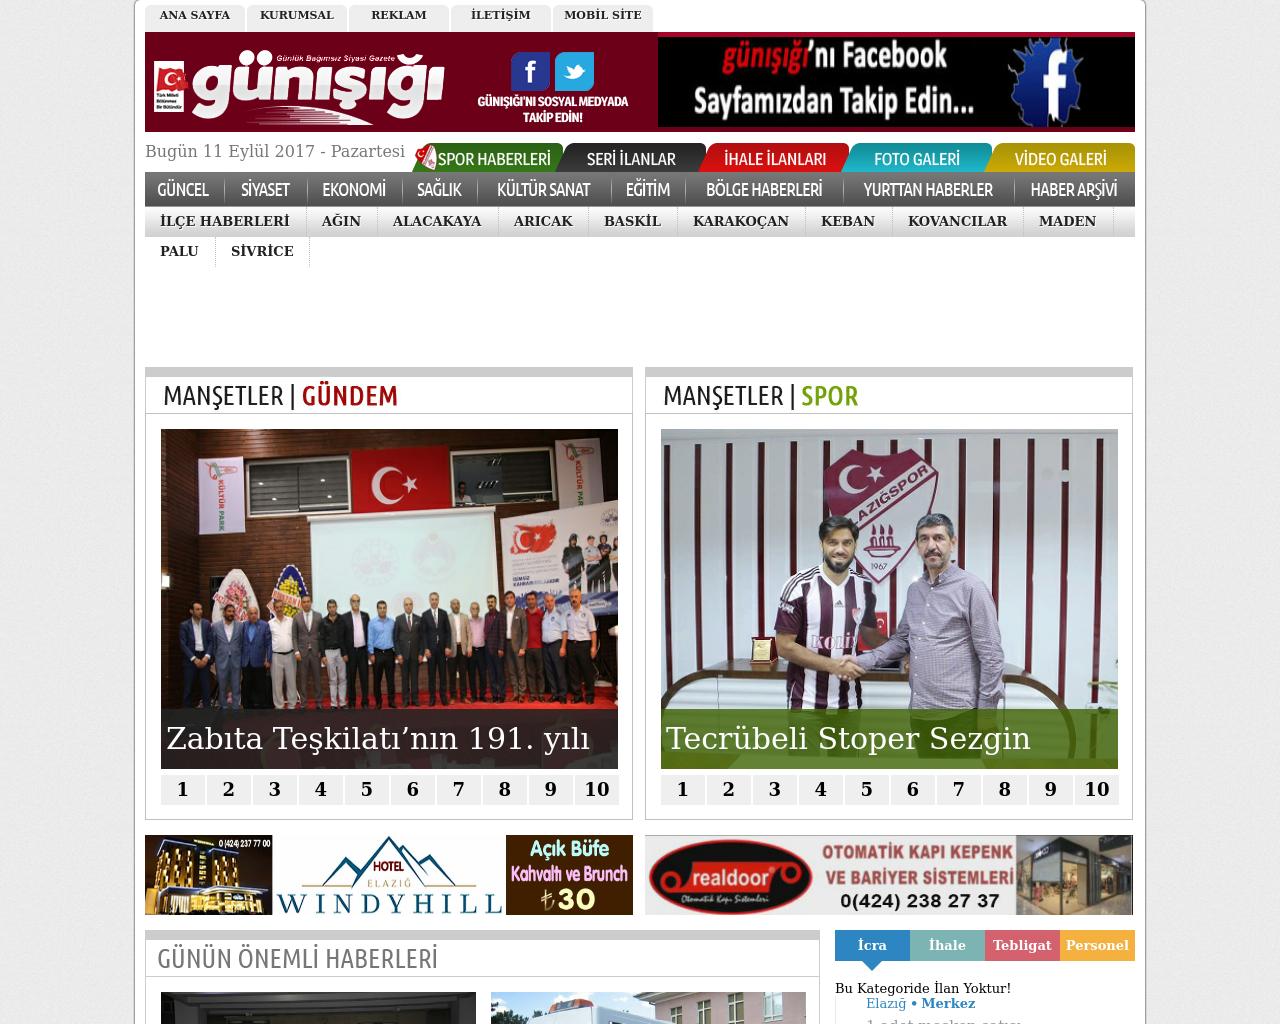 Gunisigi-Advertising-Reviews-Pricing